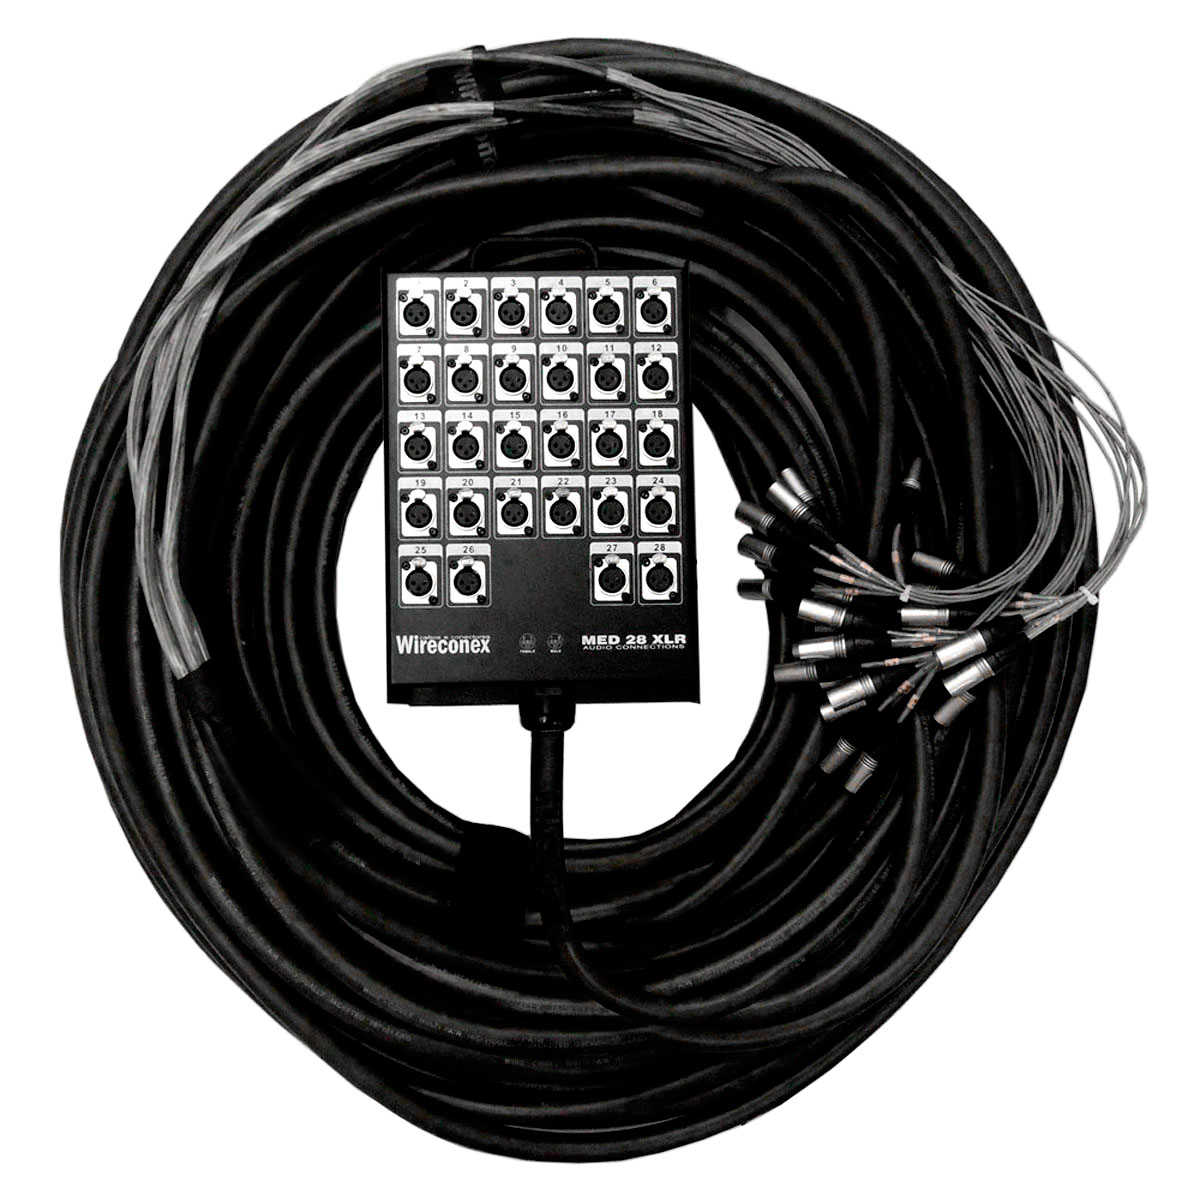 Multicabo Completo 28 Vias XLR ( Balanceado ) c/ Trava 45mts - VR CABOS